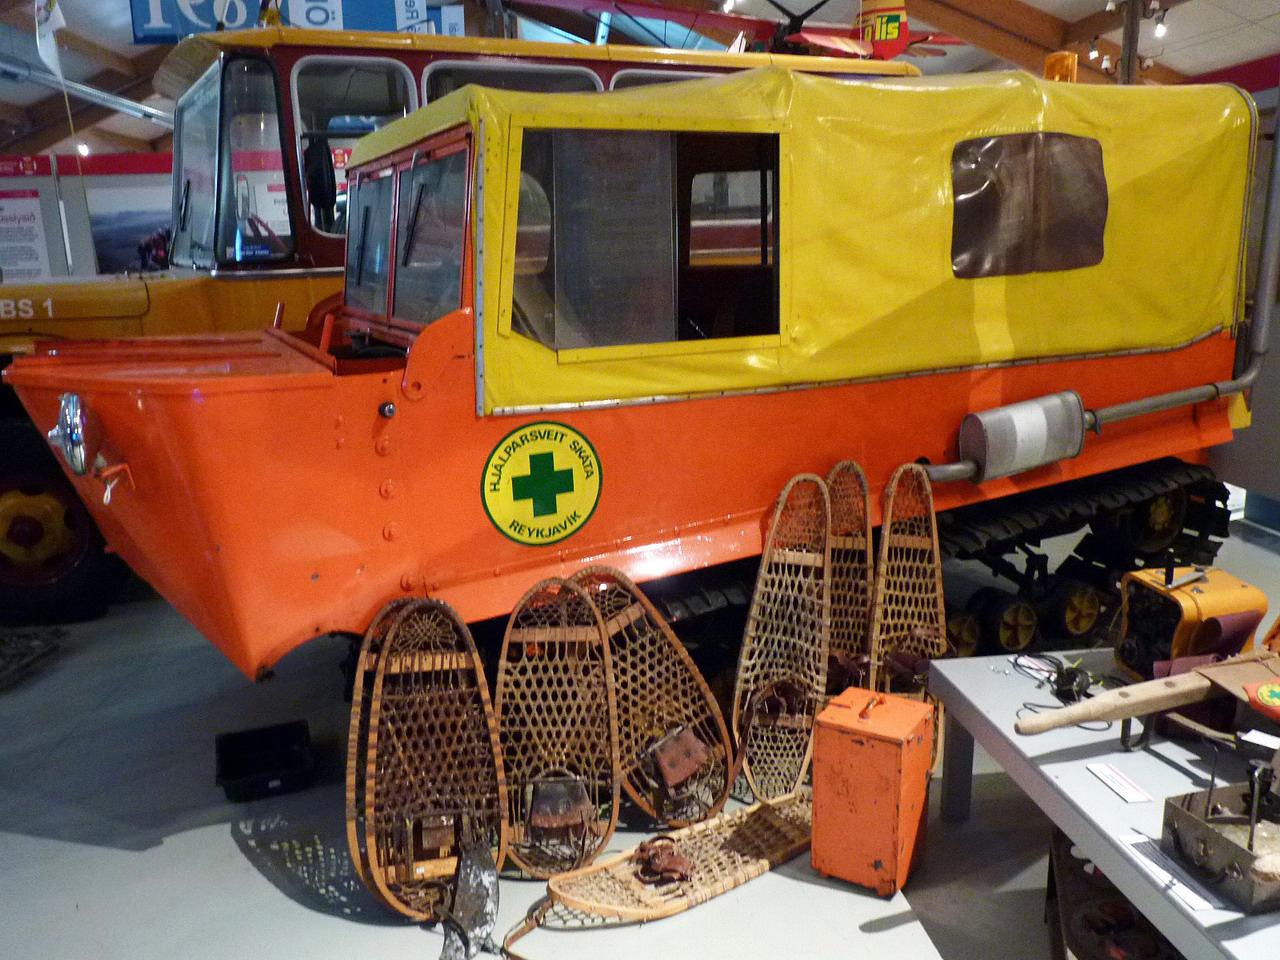 A negyvenes évektől teljesített szolgálatot az izlandi hegyimentőknél ez a lánctalpas, amelynek a felszerelését is bemutatják az izgalmas járműgyűjteménnyel rendelkező skógari múzeumban. Élénk színe elősegítette, hogy felfigyeljenek rá, illetve a gyalogosan, adott esetben a mellékelt hótalpakkal kutató mentők ne tévesszék szem elől